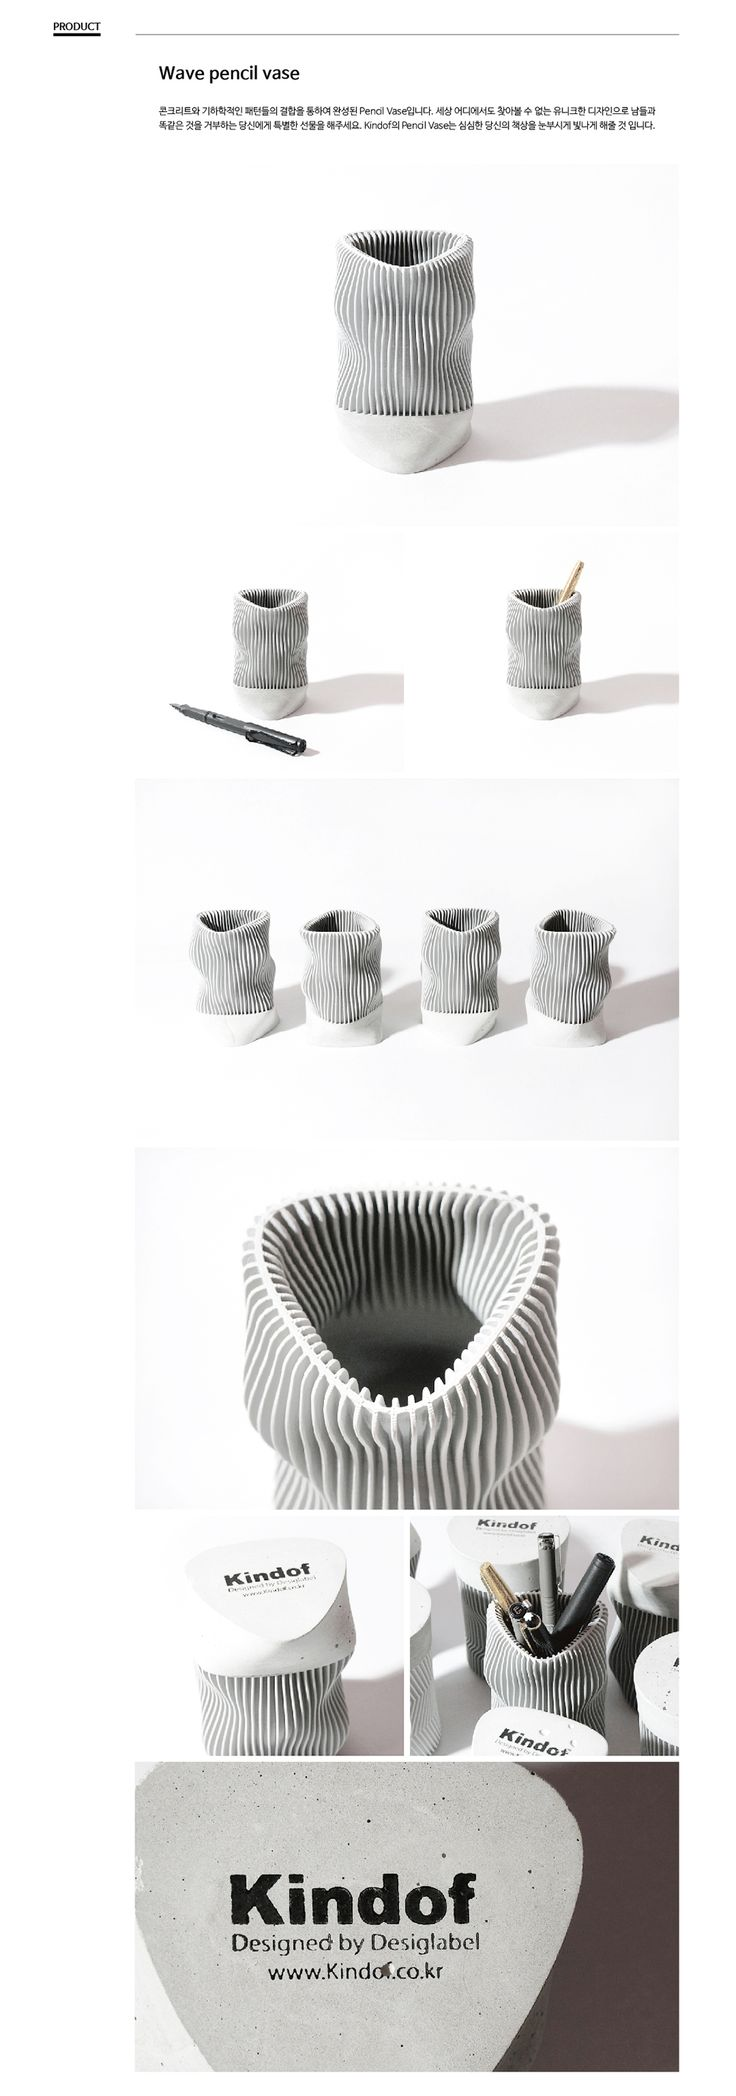 Kindof – Wave pencil vase